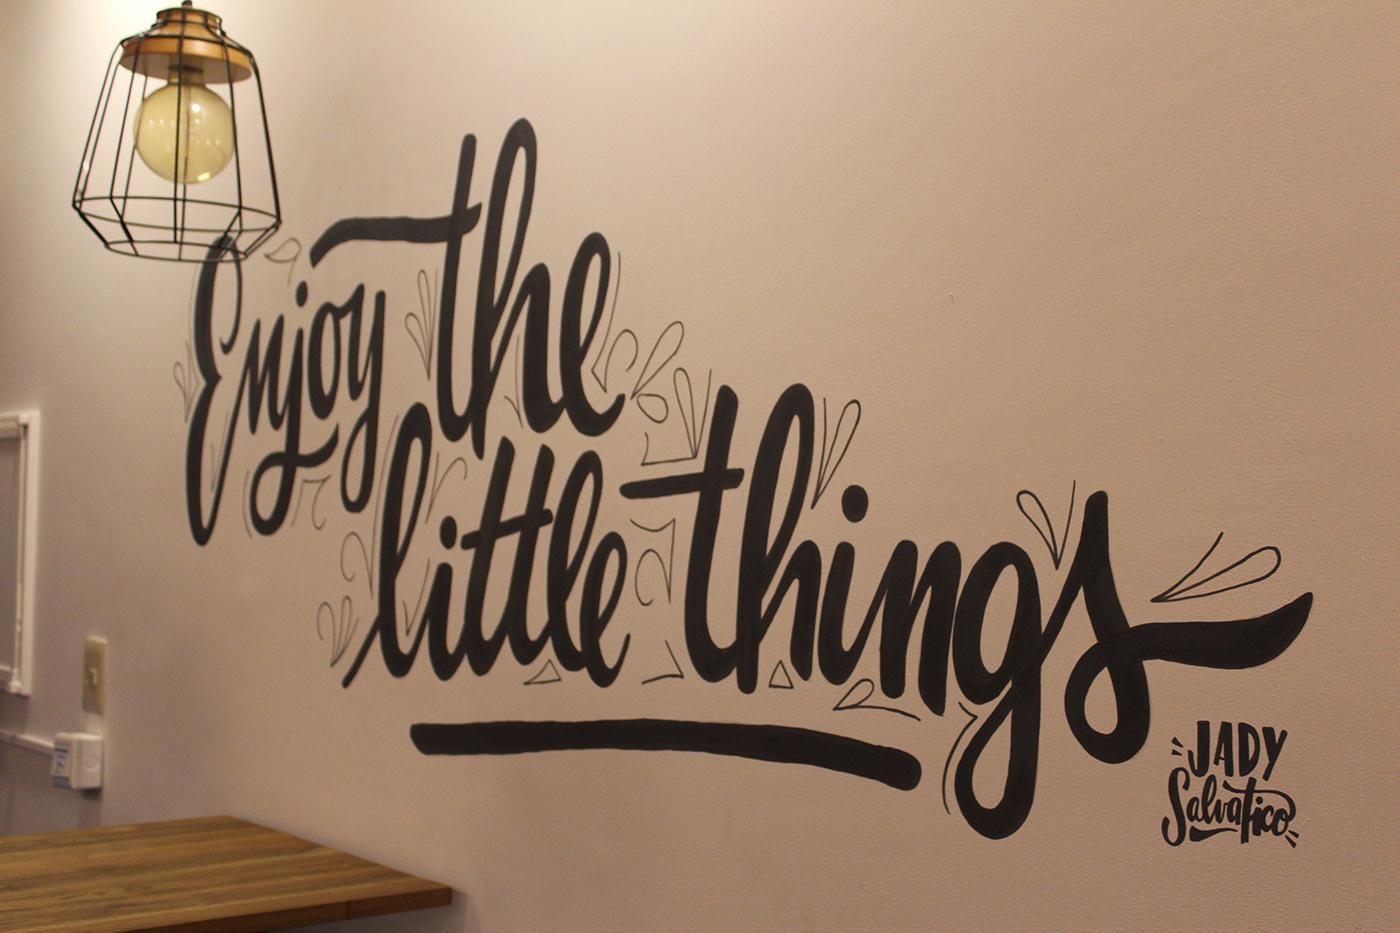 arte caligrafia grafite lettering tipografia